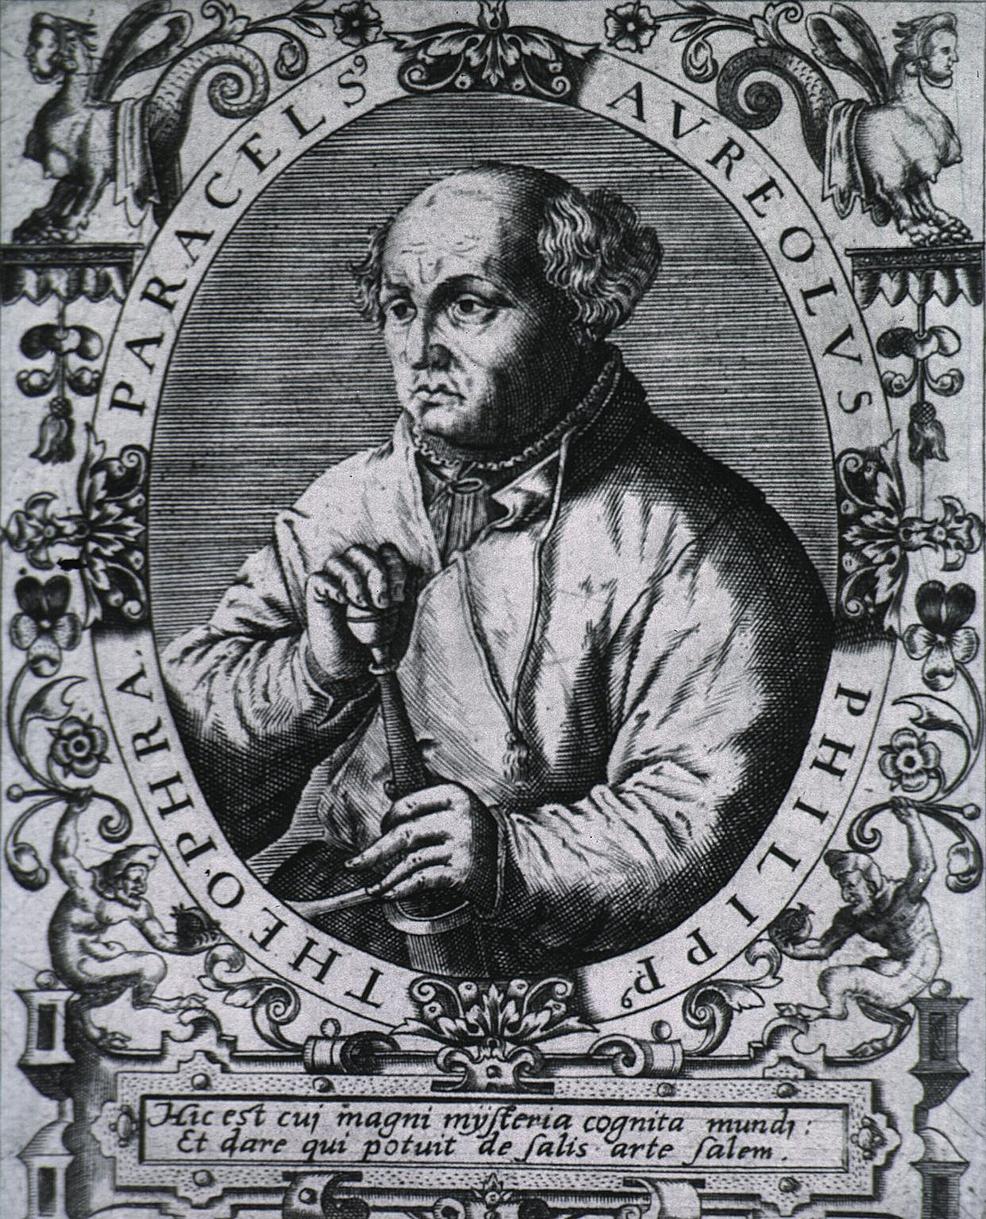 Paracelsus-(Theophrastus-Bombastus-von-Hohenheim)-1493-1541